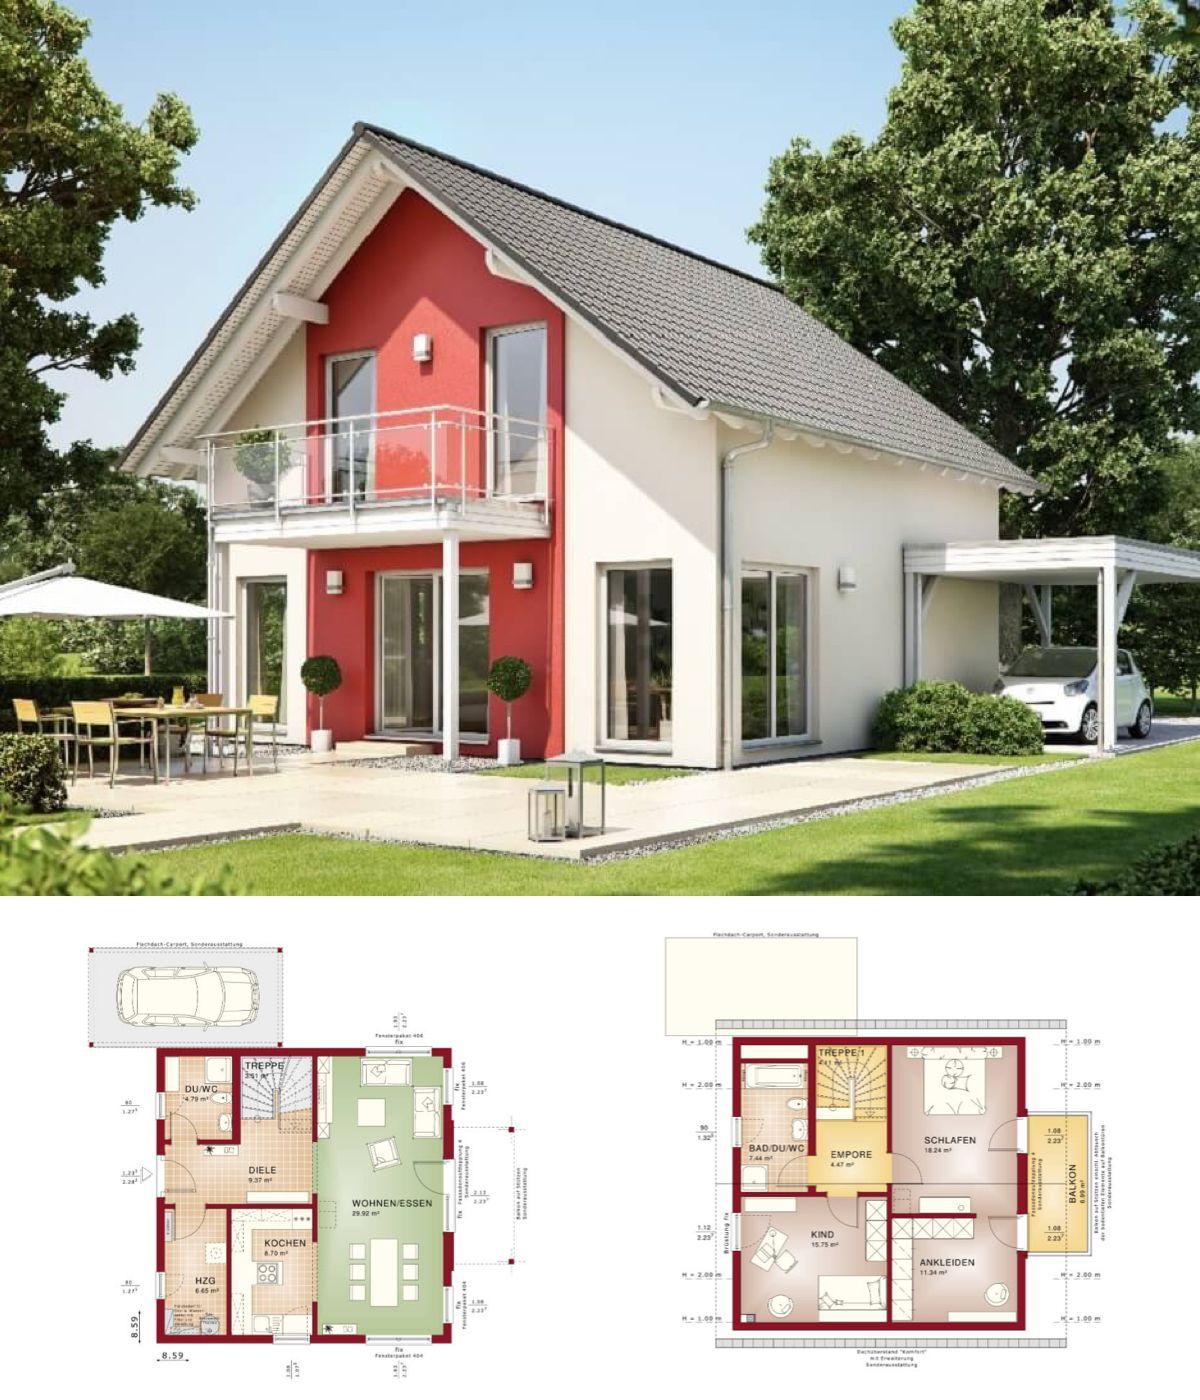 Einfamilienhaus modern satteldach grundriss for Einfamilienhaus modern mit satteldach